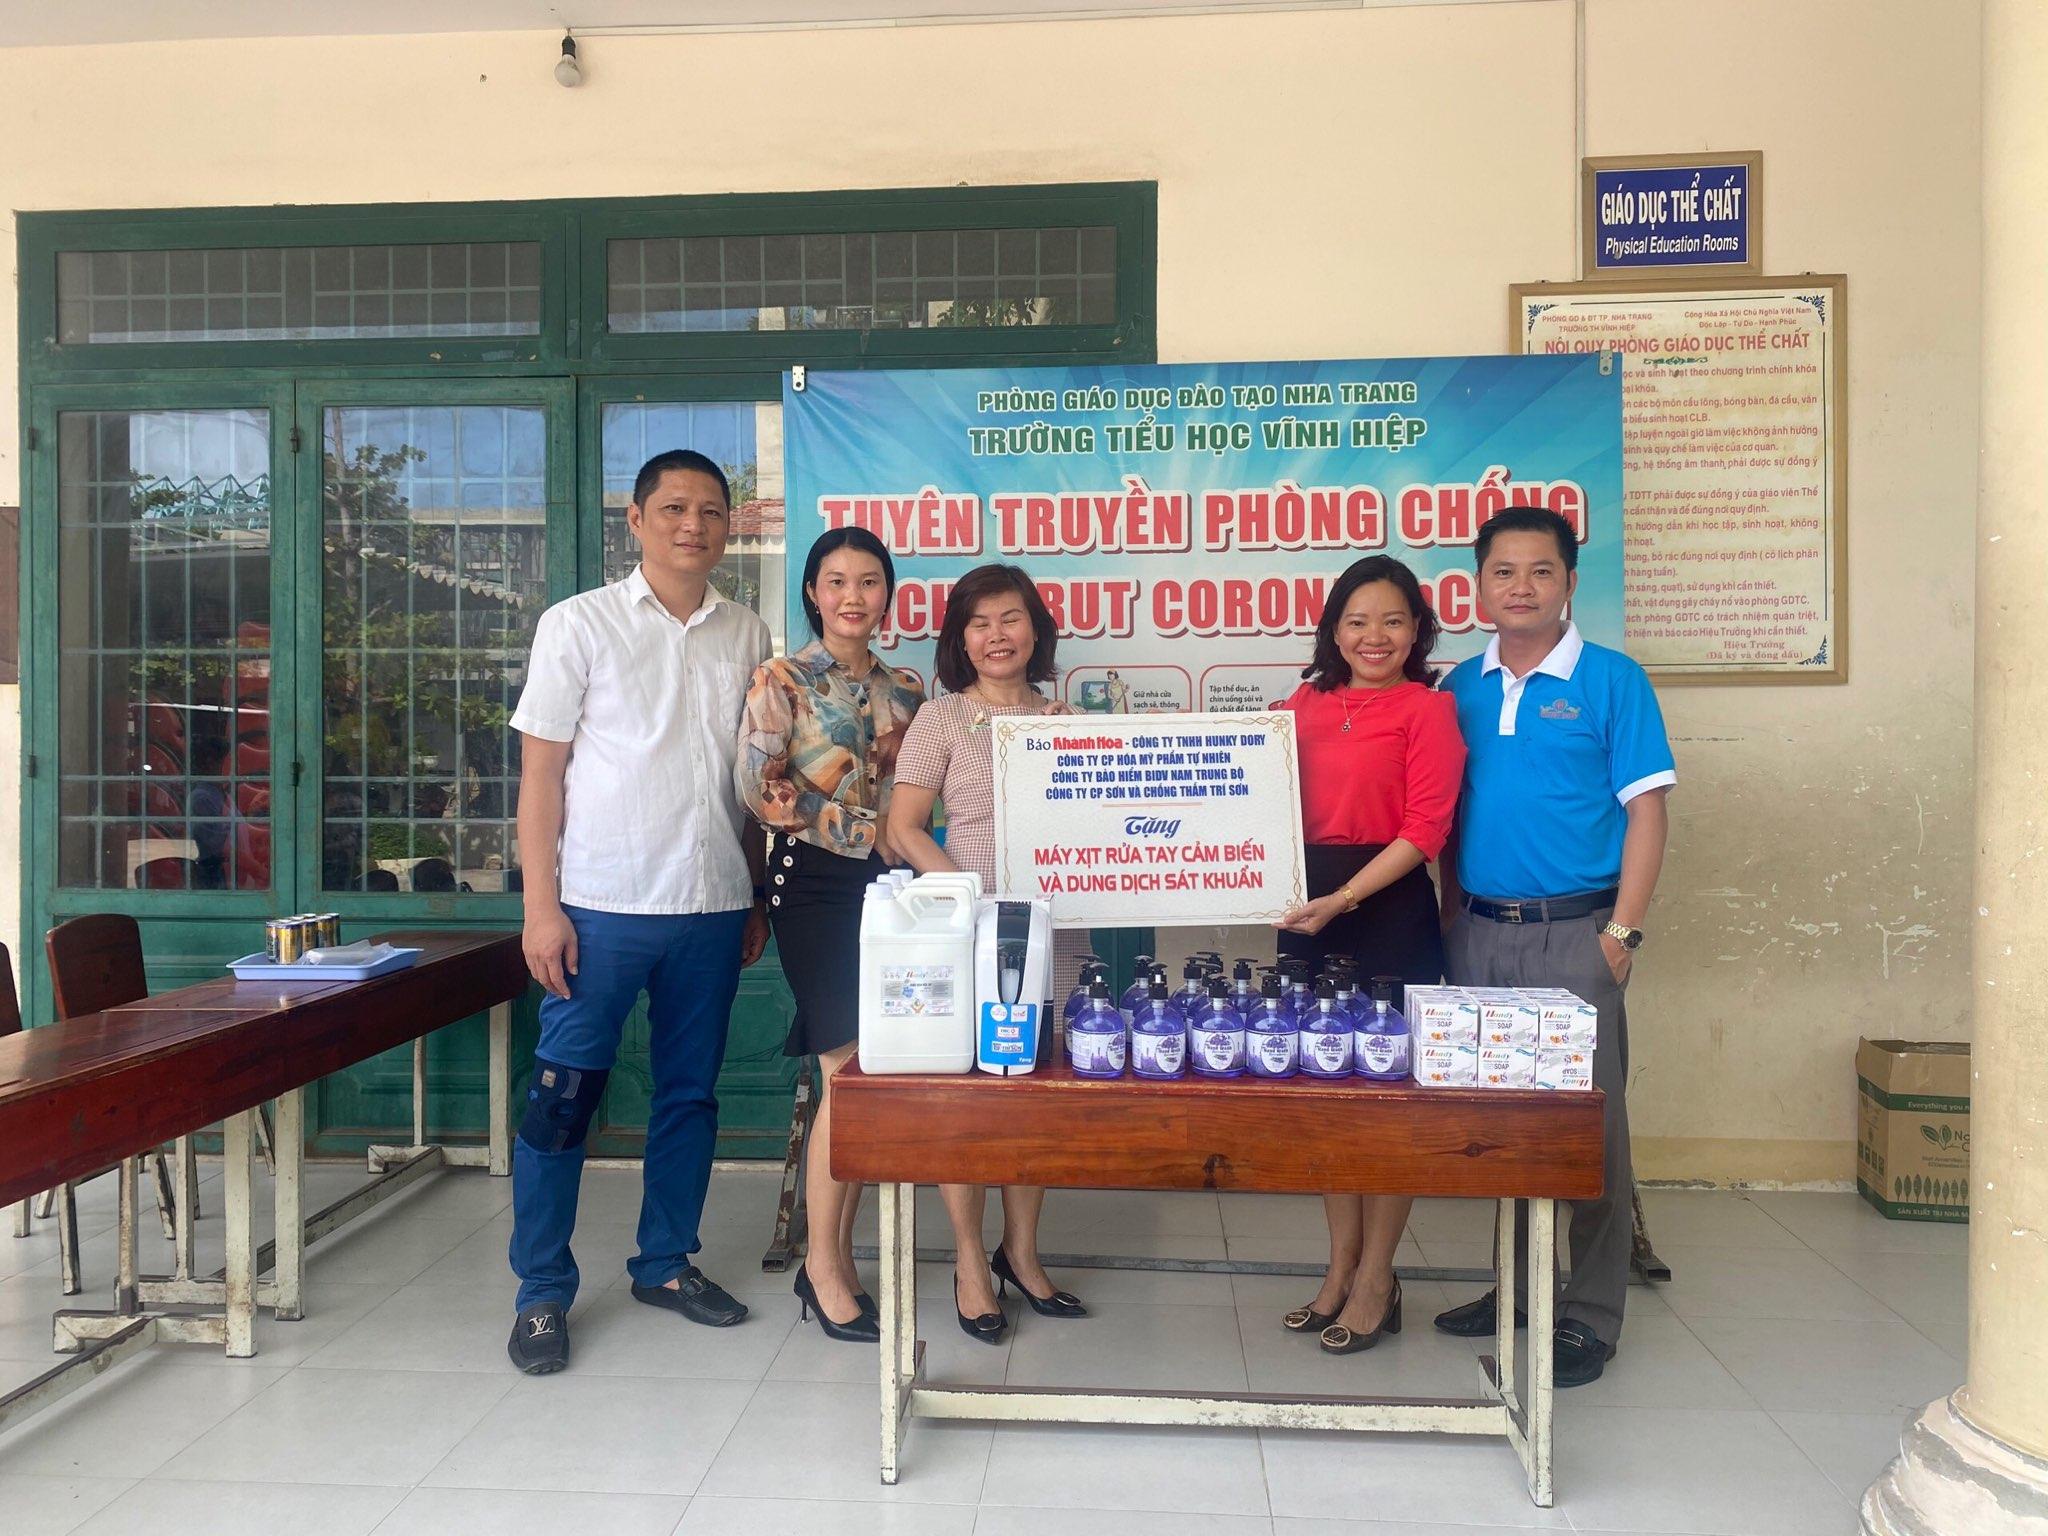 Tặng máy phun nước rửa tay tự động và dung dịch sát khuẩn cho các trường học ở Nha Trang